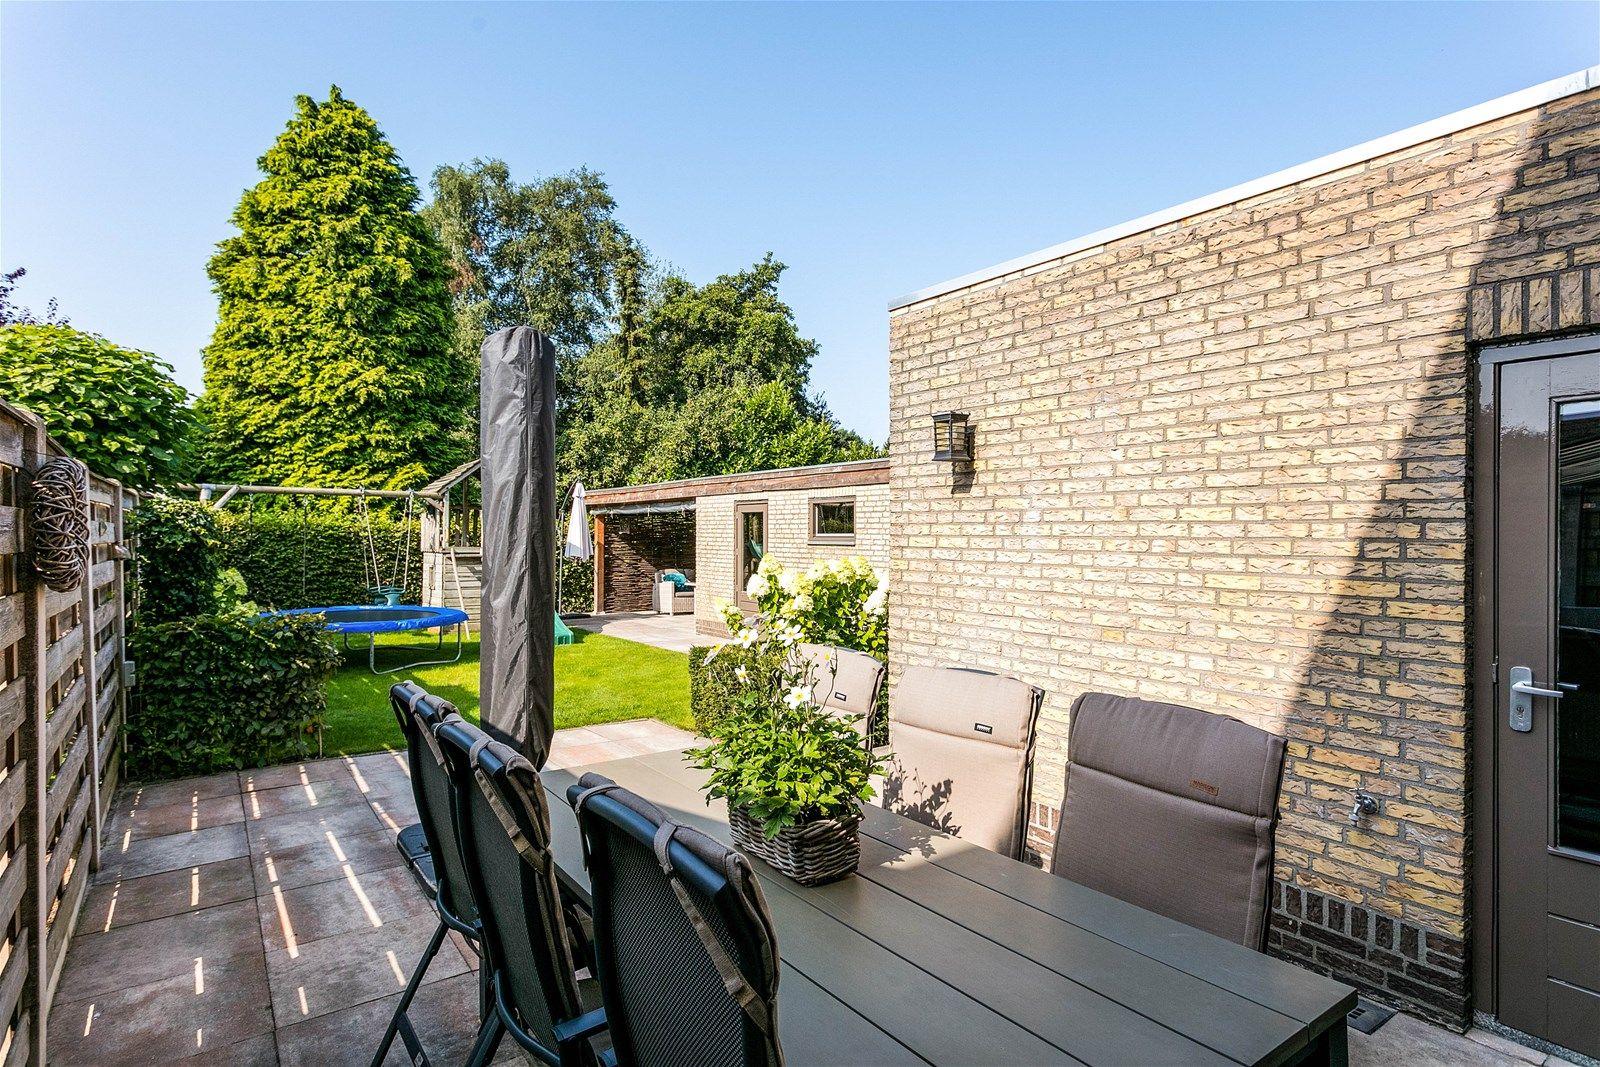 Deze moderne - instapklare halfvrijstaande woning met garage, eigen oprit en ruime tuin op het zuiden is gelegen net aan de rand van de dorpskern van Rijsbergen. Op loopafstand zijn alle voorzieningen te bereiken en binnen 10 autominuten bereik je het bruisende stadscentrum van Breda.   De woning heeft op de begane grond een sfeervolle living, zeer fraaie leefkeuken, een praktische bijkeuken en een toiletruimte. Op de eerste verdieping bevinden zich drie slaapkamers en een luxe badkamer uitgerust met een ligbad en inloopdouche. Via een vaste trap bereik je de tweede verdieping met vierde slaapkamer.   De zonnige achtertuin beschikt over een terras en een veranda uitgerust met een loungehoek.  BEGANE GROND Entree/hal met toegang tot de toiletruimte, living en vaste trap naar de eerste verdieping. Afwerking- tegelvloer, stucwerk wanden en een stucwerk plafond.  Vernieuwde meterkast- 10 groepen, aardlekschakelaar en krachtstroomgroep.  Toiletruimte met zwevend toilet en fonteintje. Afwerking- tegelvloer, betegelde wanden en een stucwerk plafond.  Sfeervolle living met openslaande tuindeuren aan de achterzijde. De ruimte geeft toegang tot de keuken. Afwerking- massief eikenhouten vloer, stucwerk wanden en een stucwerk plafond met inbouwspots.  Zeer fraaie leefkeuken uitgerust met een granieten aanrechtblad, spoeleiland met bar, vaatwasser, 5-pits gaskookplaat, afzuigkap, combi magnetron, koelkast met vriesvak en kastruimte. Vanuit de keuken is de praktische bijkeuken bereikbaar. Afwerking- tegelvloer, stucwerk wanden en een stucwerk plafond met inbouwspots.  Praktische bijkeuken met pantry, kastruimte en aansluitingen voor de wasmachine en droger. Afwerking- tegelvloer, stucwerk wanden en een stucwerk plafond met inbouwspots.  EERSTE VERDIEPING Overloop met toegang tot drie slaapkamers, de badkamer en vaste trap naar de tweede verdieping. Afwerking- laminaatvloer, stucwerk wanden en een stucwerk plafond.  Slaapkamer 1 (rechter achterzijde)- voorzien van een vaste kast e